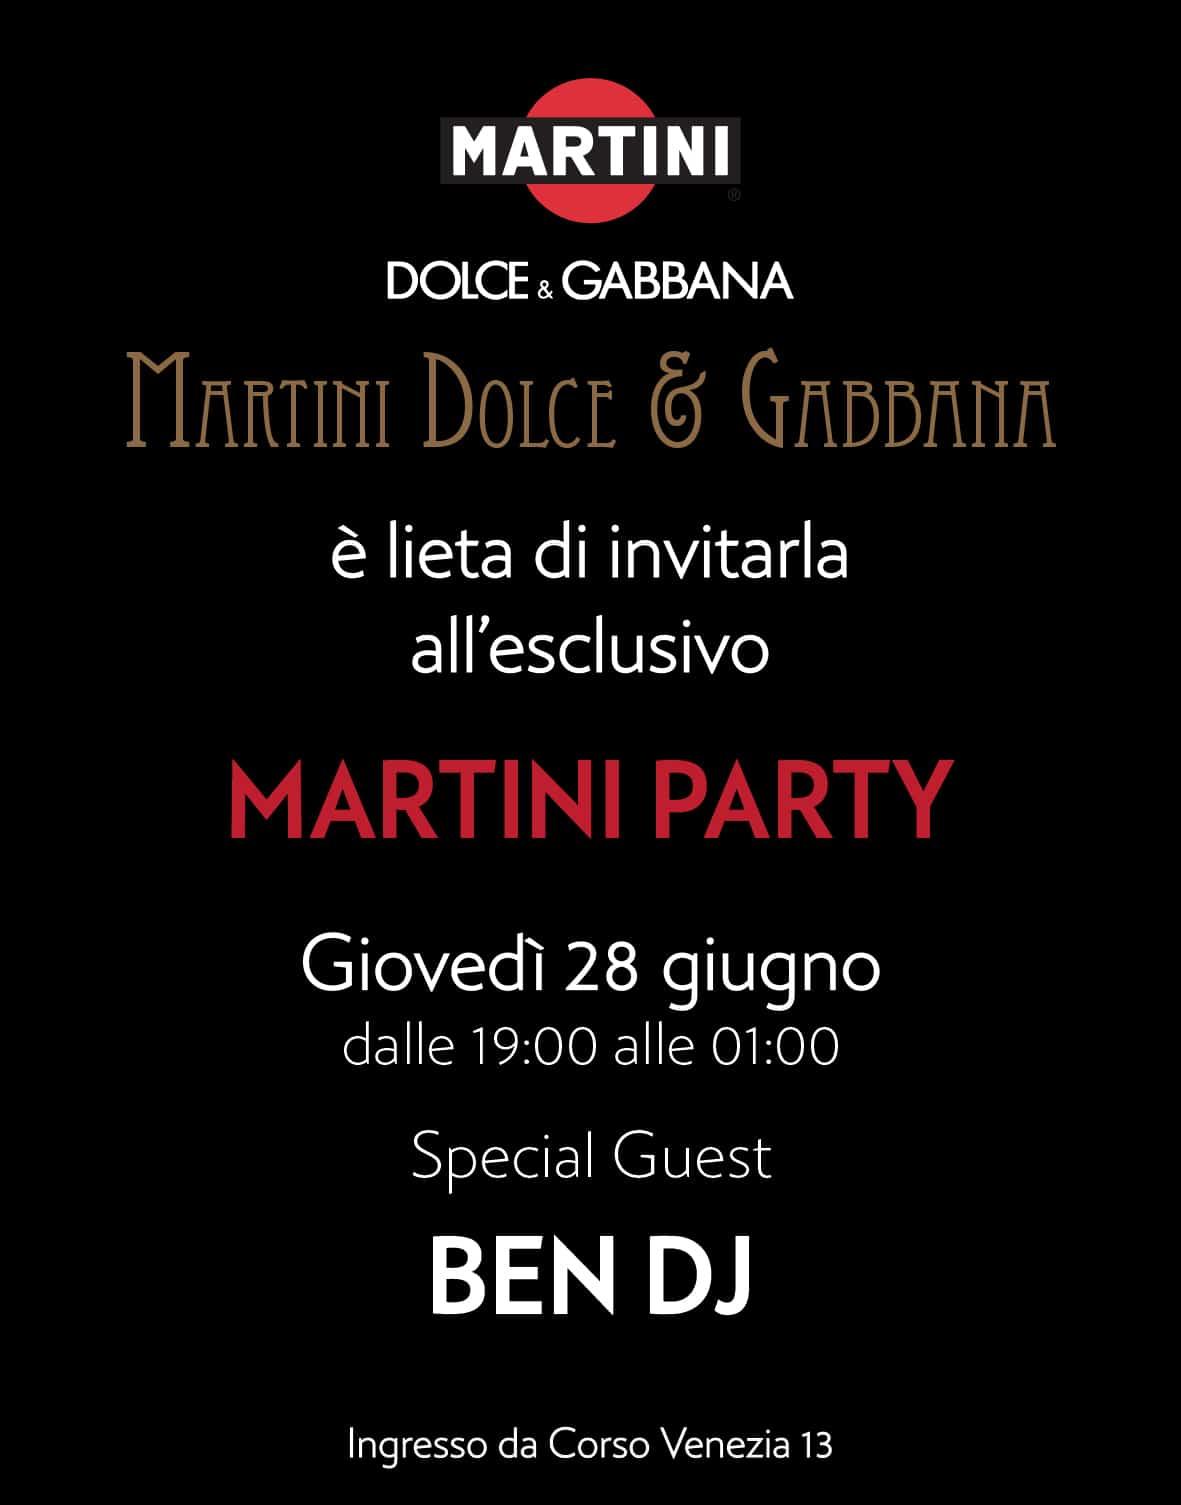 MARTINI DOLCE & GABBANA